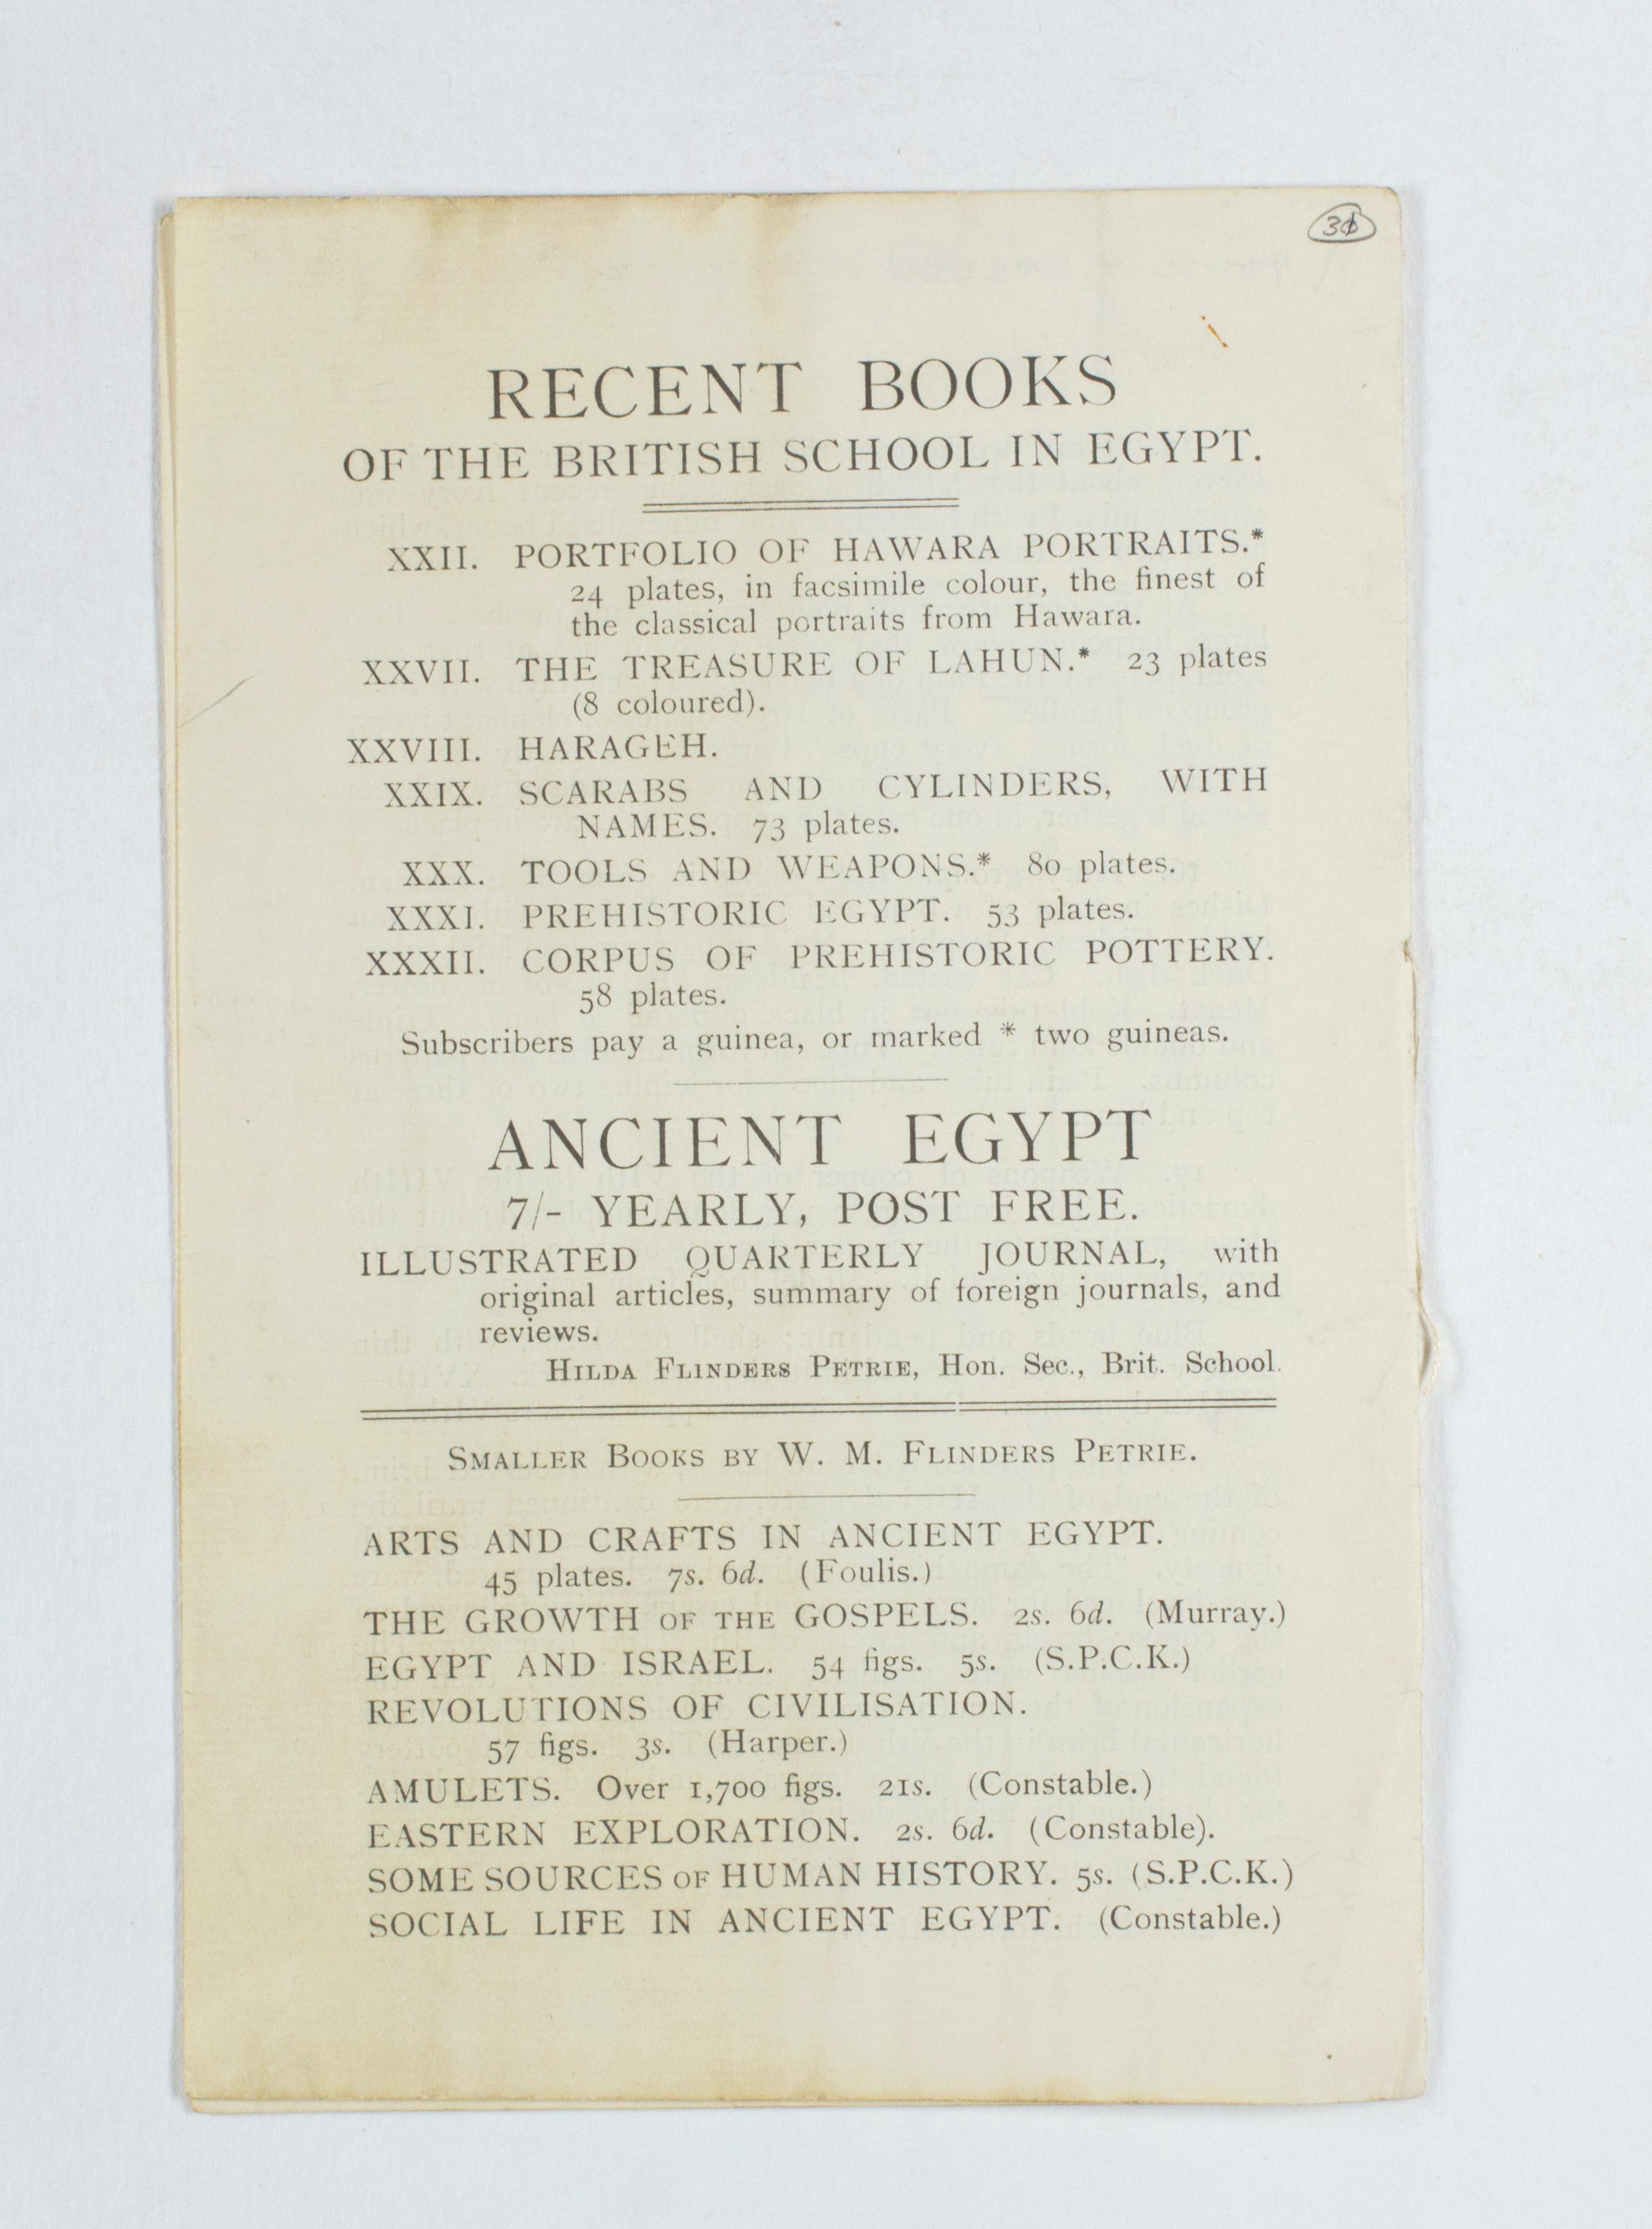 1922-23 Qau el-Kebir Exhibition catalogue PMA/WFP1/D/26/31.8